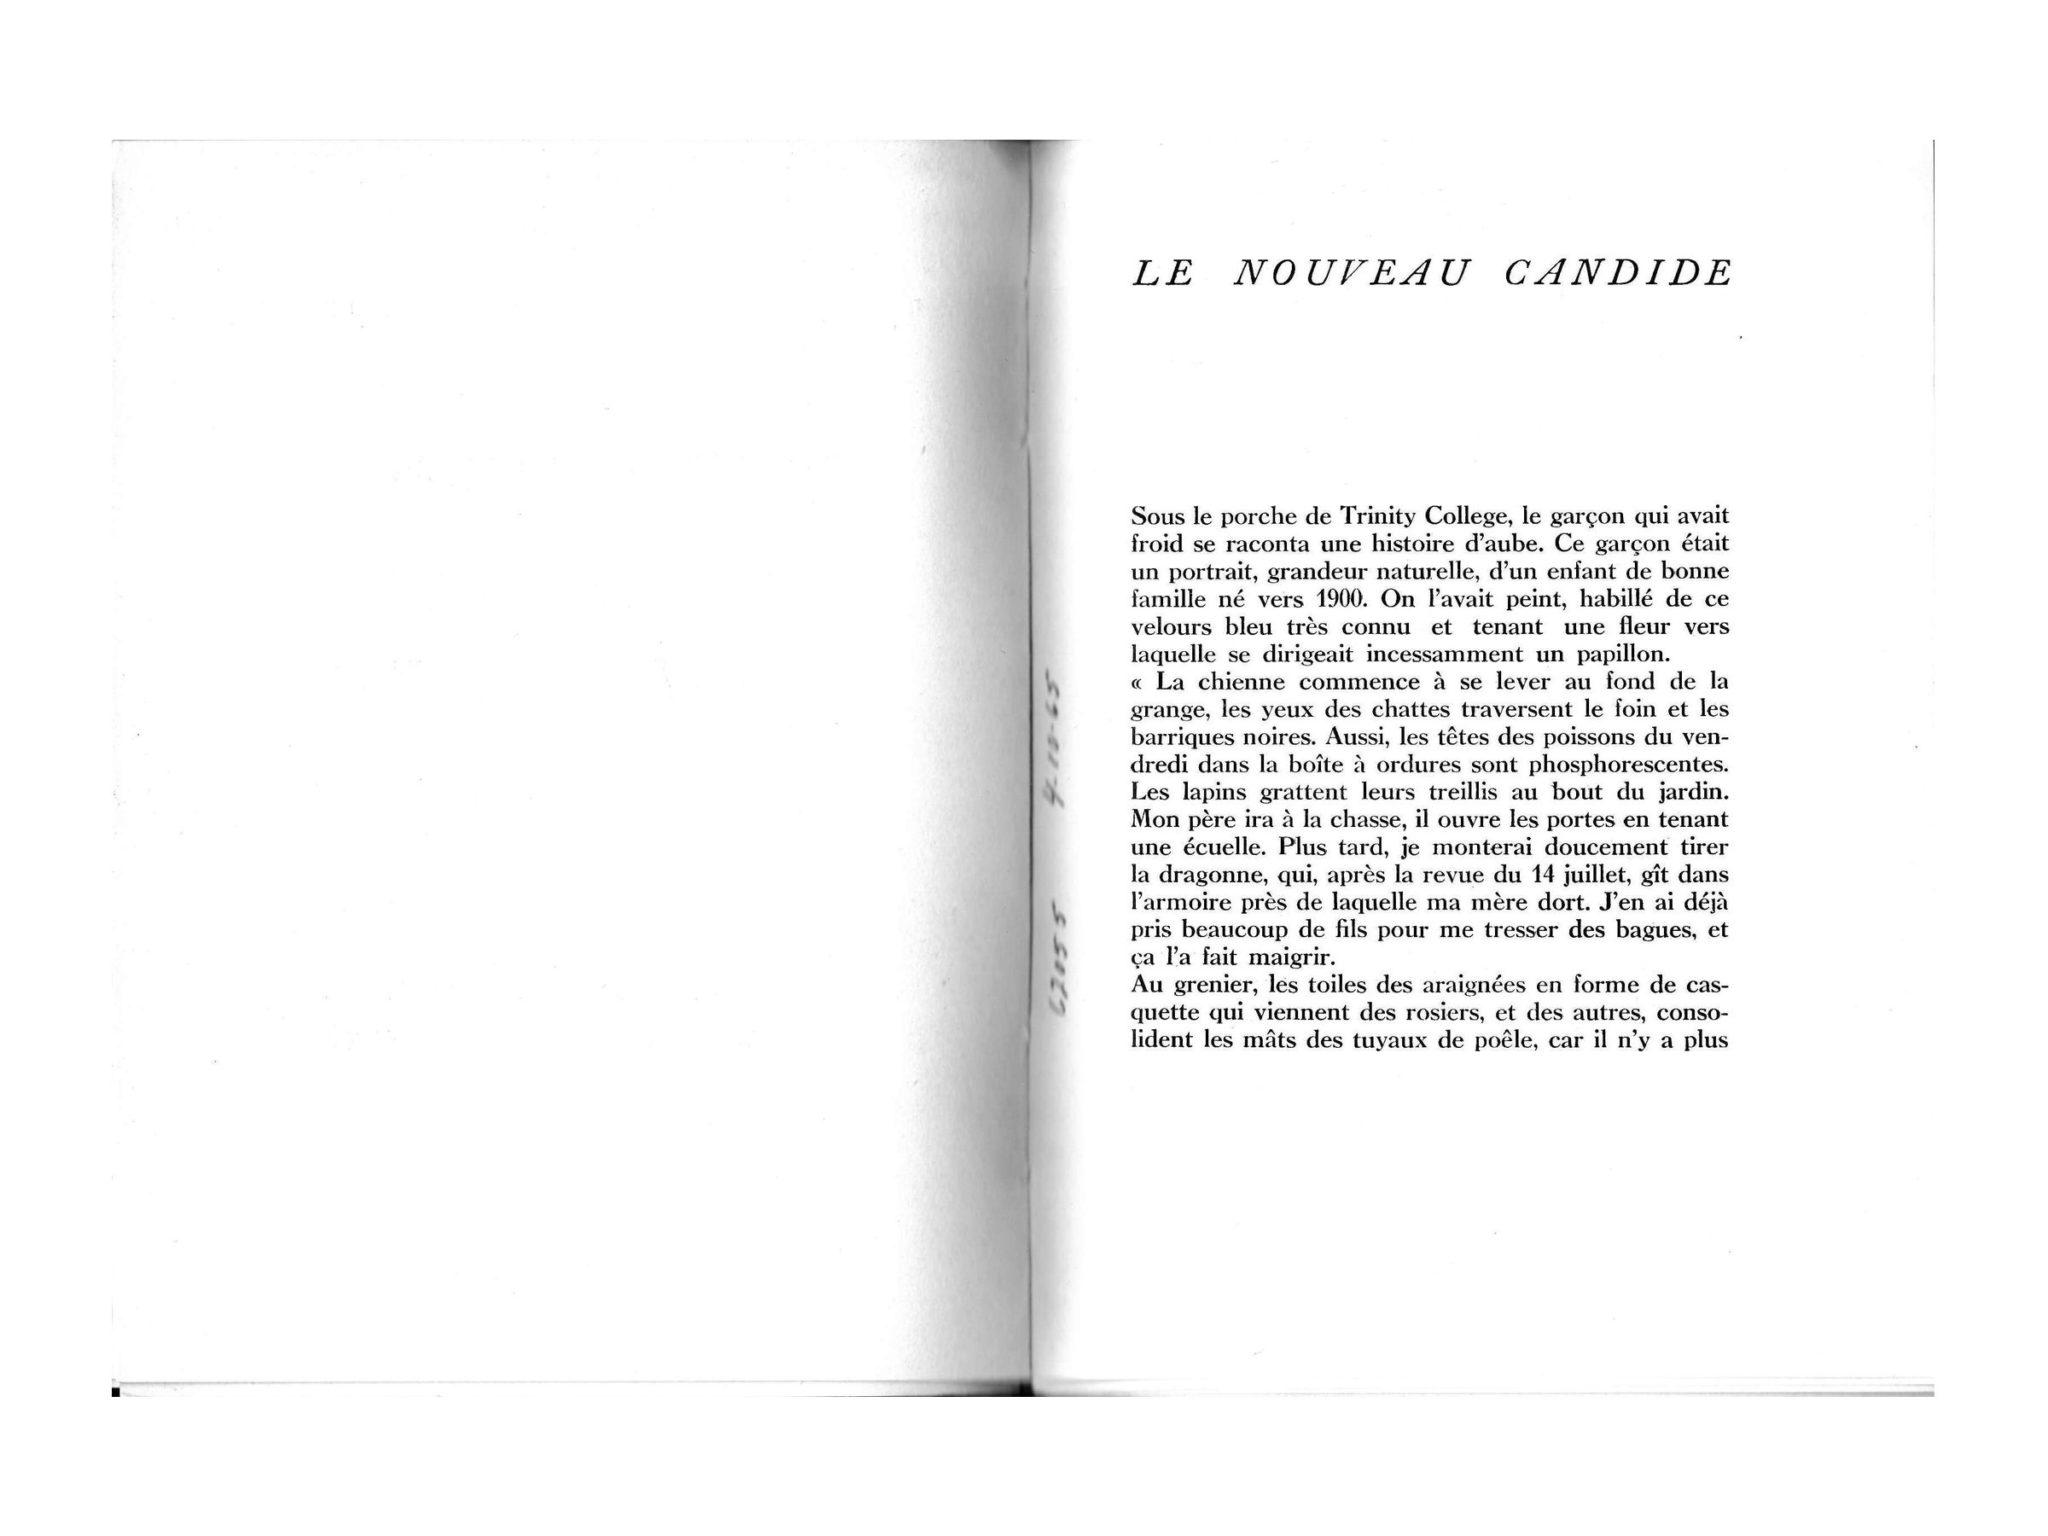 Carrousel-04-Penrose-Valentine_Le-Nouveau-Candide-t